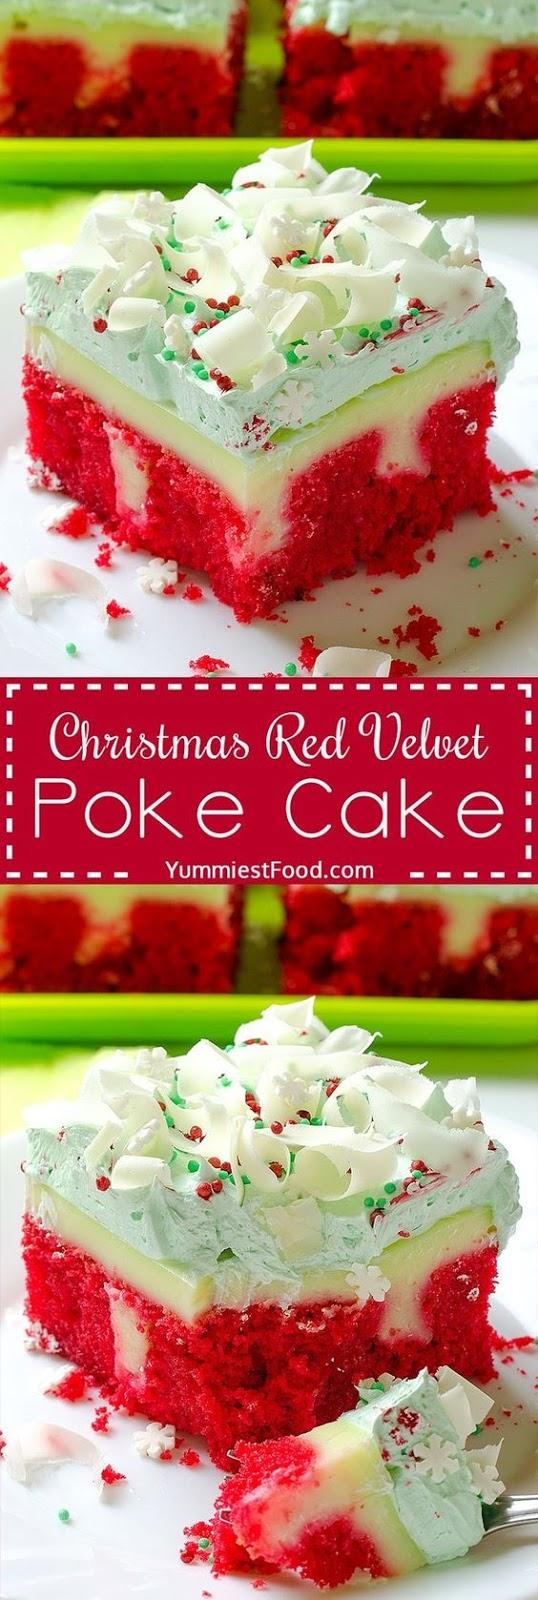 Christmas Red Velvet Poke Cake Recipe #dessert #christmas #red #velvet #poke #cake